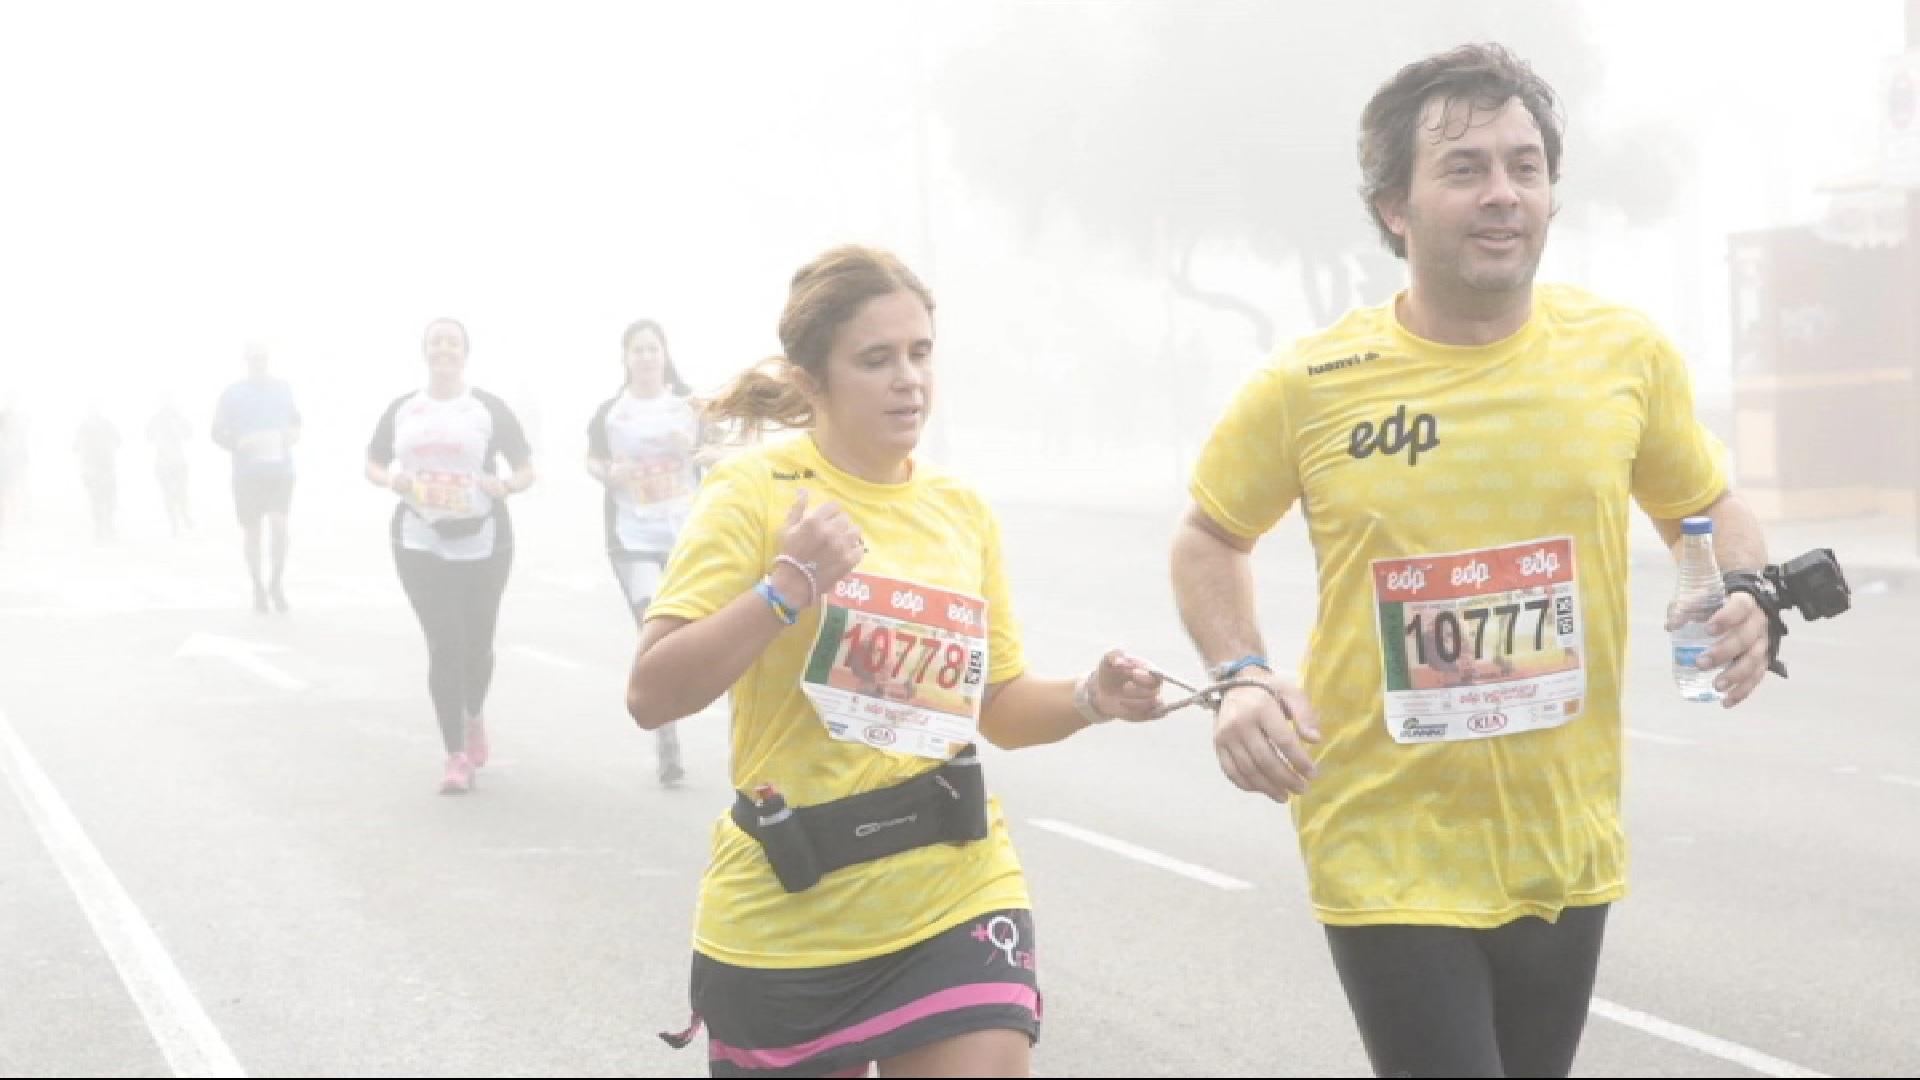 Mari+Carmen+Soler+correr%C3%A0+la+Mitja+Marat%C3%B3+de+Madrid%26%238230%3Bdes+de+casa